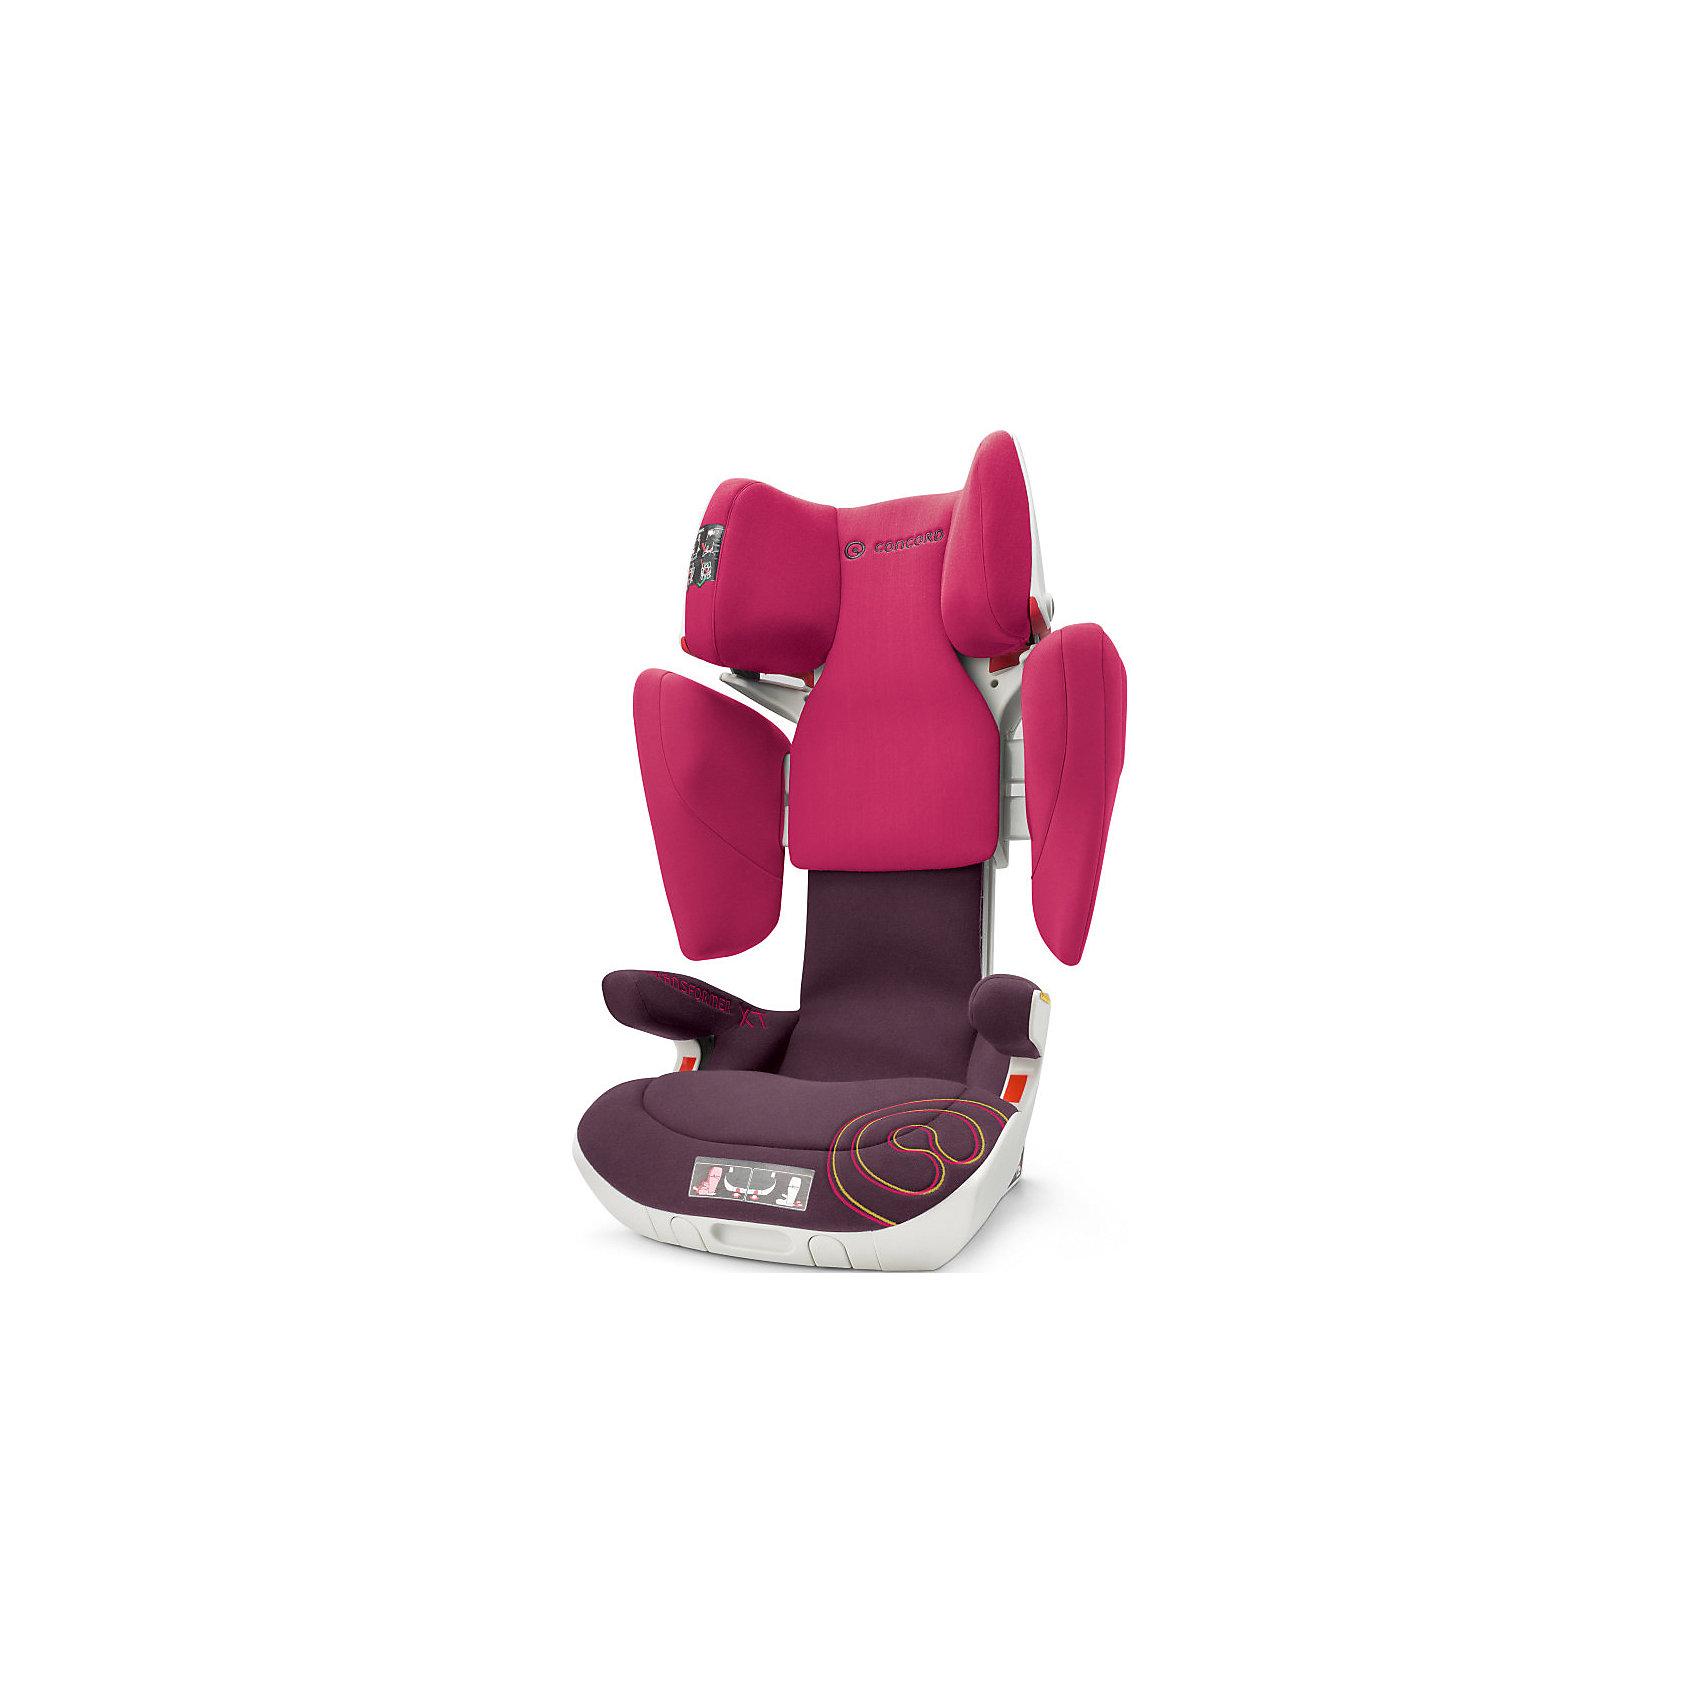 Автокресло Concord Transformer XT, 15-36 кг, Rose Pink 2016Автокресла с креплением Isofix<br>Автокресло Transformer XT, 15-36 кг., Concord, Rose Pink.<br><br> Характеристики автокресла:<br><br>•Группа 2-3 от 3 до 12 лет (15-36 кг)<br>•Способ установки: по ходу движения<br>•Способ крепления: система IsoFix, или с помощью штатных ремней безопасности<br>•Компактный ударопрочный каркас.<br>•Защита от боковых ударов<br>•Регулировка наклона спинки<br>•Регулировка подголовника<br>•Регулировка размера кресла<br>•Ортопедические свойства спинки и основания.<br>•Встроенный пневмопривод.<br>•Размер автокресла: 46х49х62 см.<br>•Материал: пластик, полиэстер<br>•Вес автокресла: 9,9 кг.<br>•Стандарт безопасности: ECE R44/04.<br><br>У автокресла Concord Transformer XT прочный каркас, который надежно защищает ребенка во время поездки. У боковых подушек имеется дополнительный слой энергопоглощающей изоляции, которая понижает силу удара. Автокресло имеет ортопедическую спинку, которая способствует правильному формированию позвоночника. Наполнитель автокресла Трансформер ИксТи обладает эффектом памяти, который со временем принимает форму тела ребенка.<br><br>Установка автокресла: устанавливается по ходу движения с помощью системы isofix. Ребенок в автокресле фиксируется штатным ремнем автомобиля. При отсутствии крепления isofix можно установить автокресло при помощи штатных ремней безопасности. Направляющие с защелками для ремня в подголовнике исключают его самопроизвольное выпадение.<br><br>Автокресло Transformer XT, 15-36 кг., Concord, Rose Pink можно купить в нашем интернет-магазине.<br><br>Ширина мм: 450<br>Глубина мм: 450<br>Высота мм: 640<br>Вес г: 11000<br>Возраст от месяцев: 36<br>Возраст до месяцев: 144<br>Пол: Унисекс<br>Возраст: Детский<br>SKU: 4779883